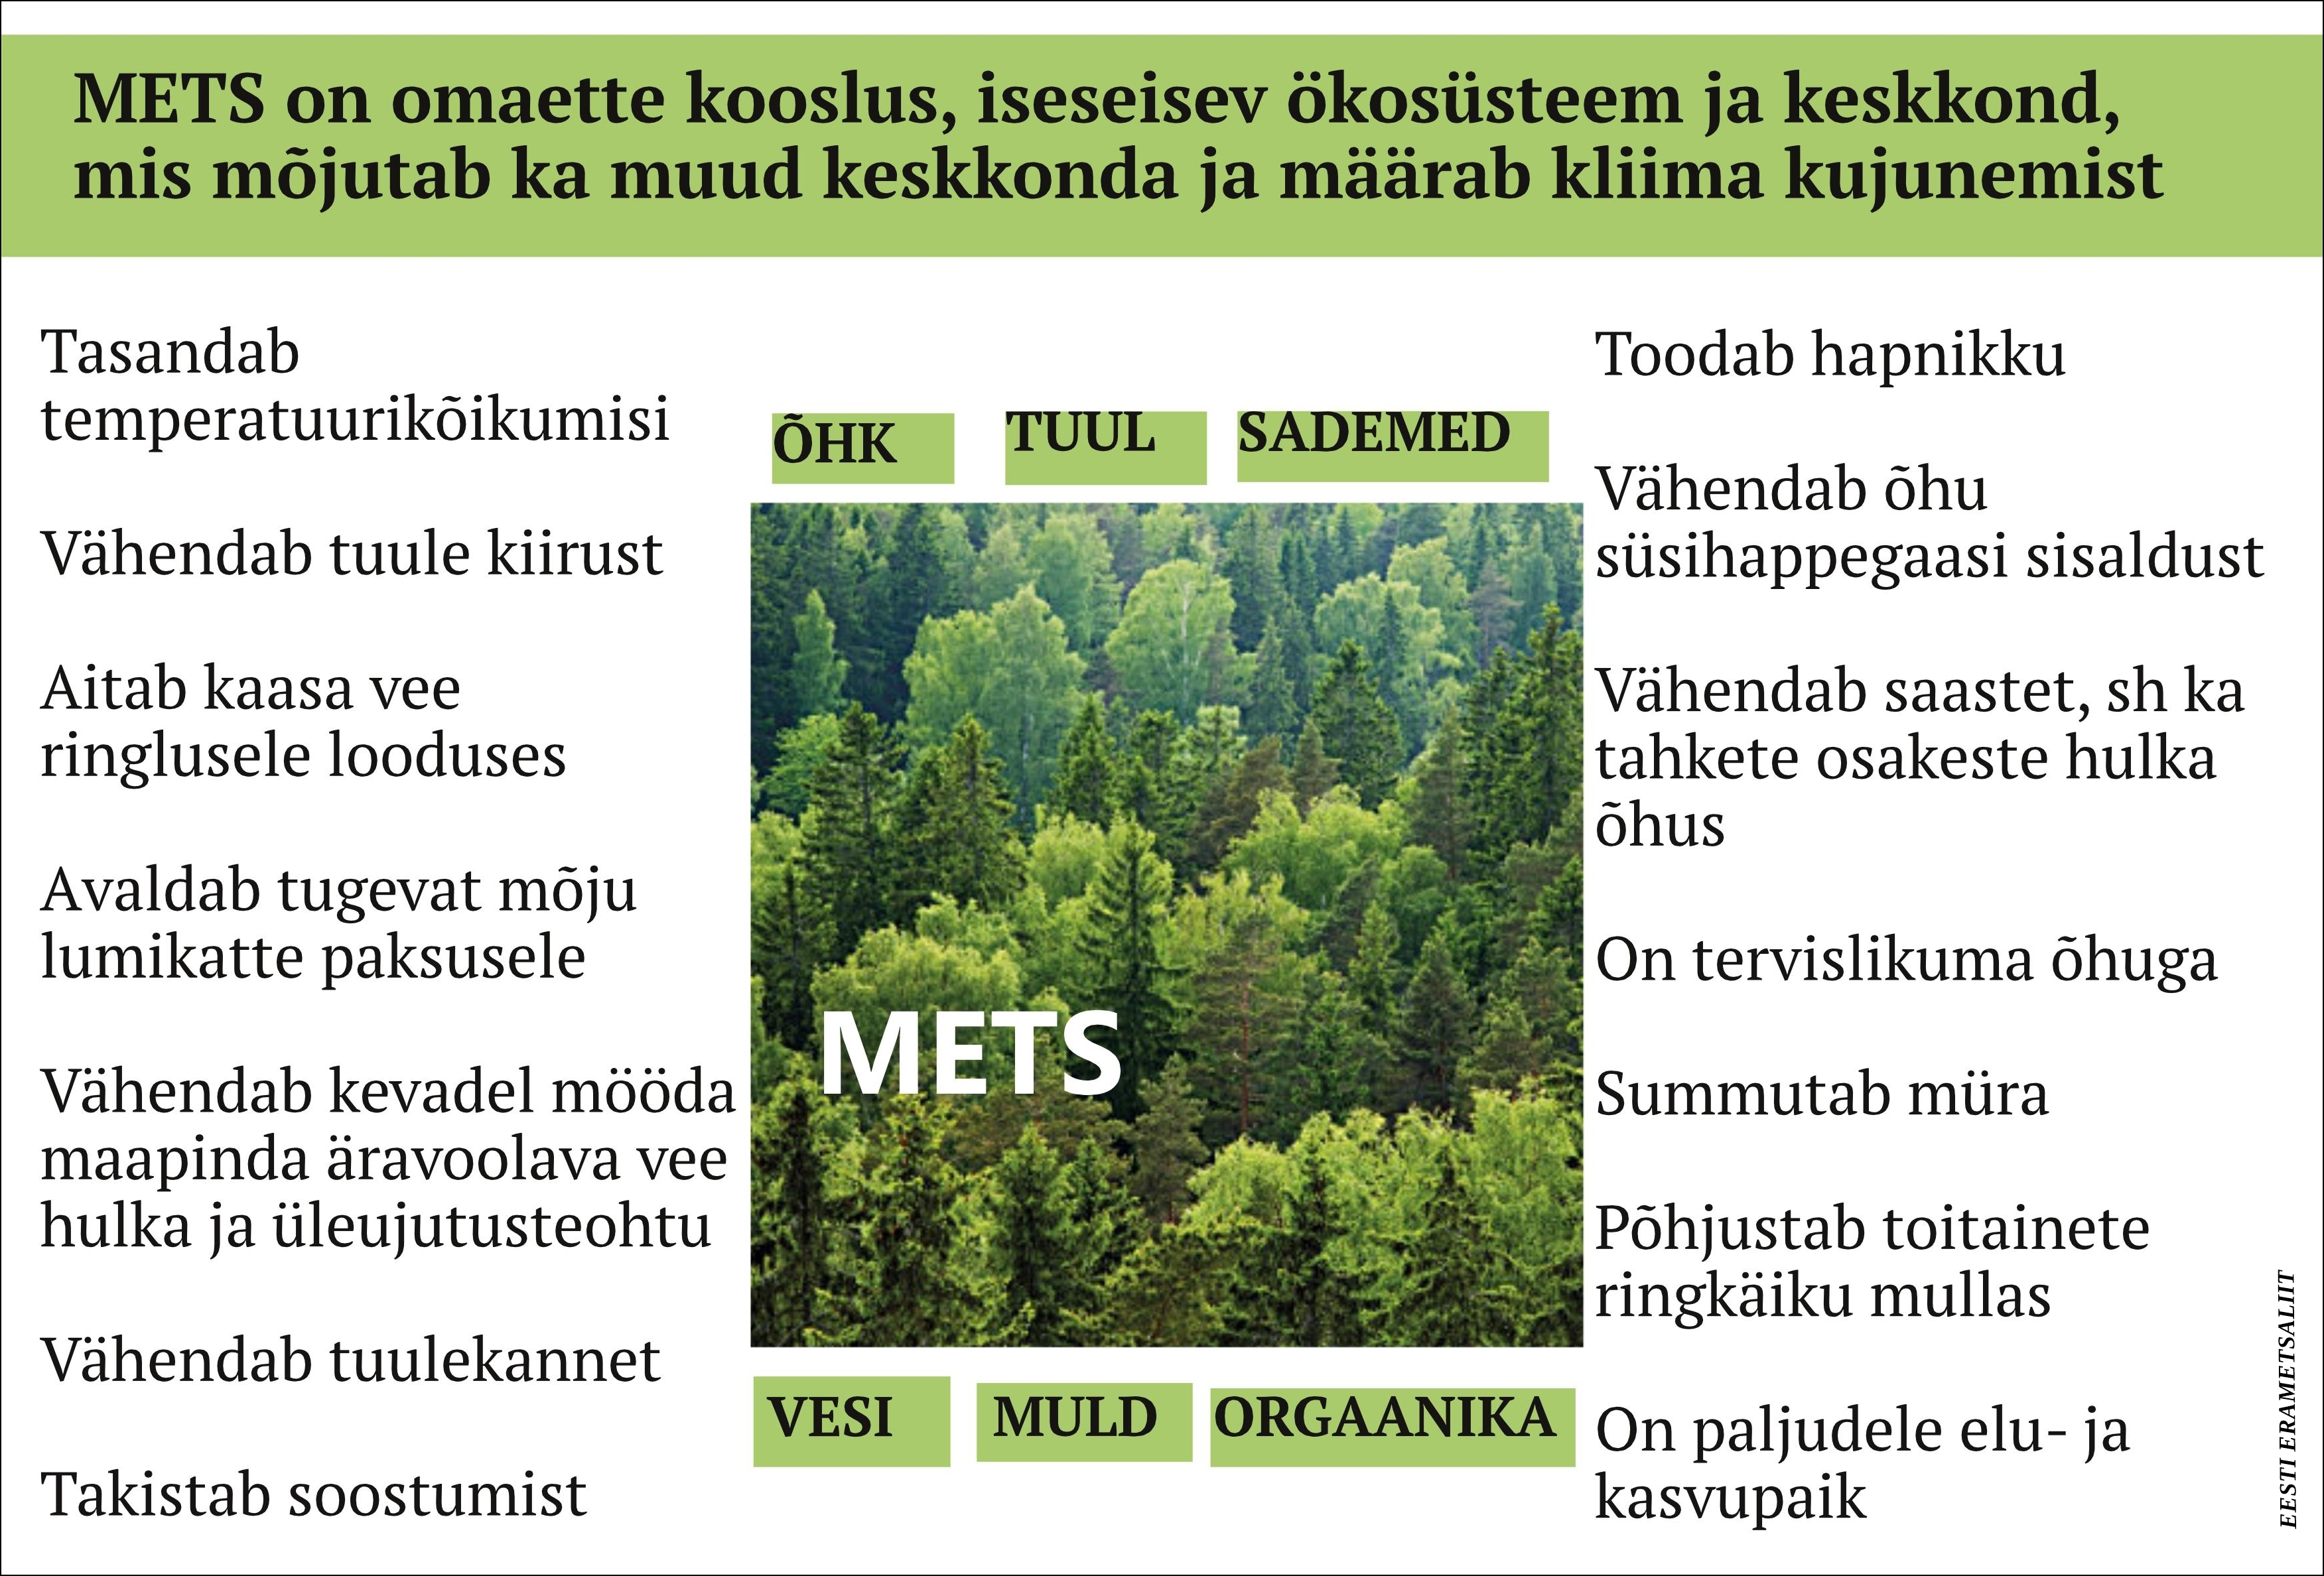 Inimene kaitseb metsa, aga mets kaitseb ka inimest